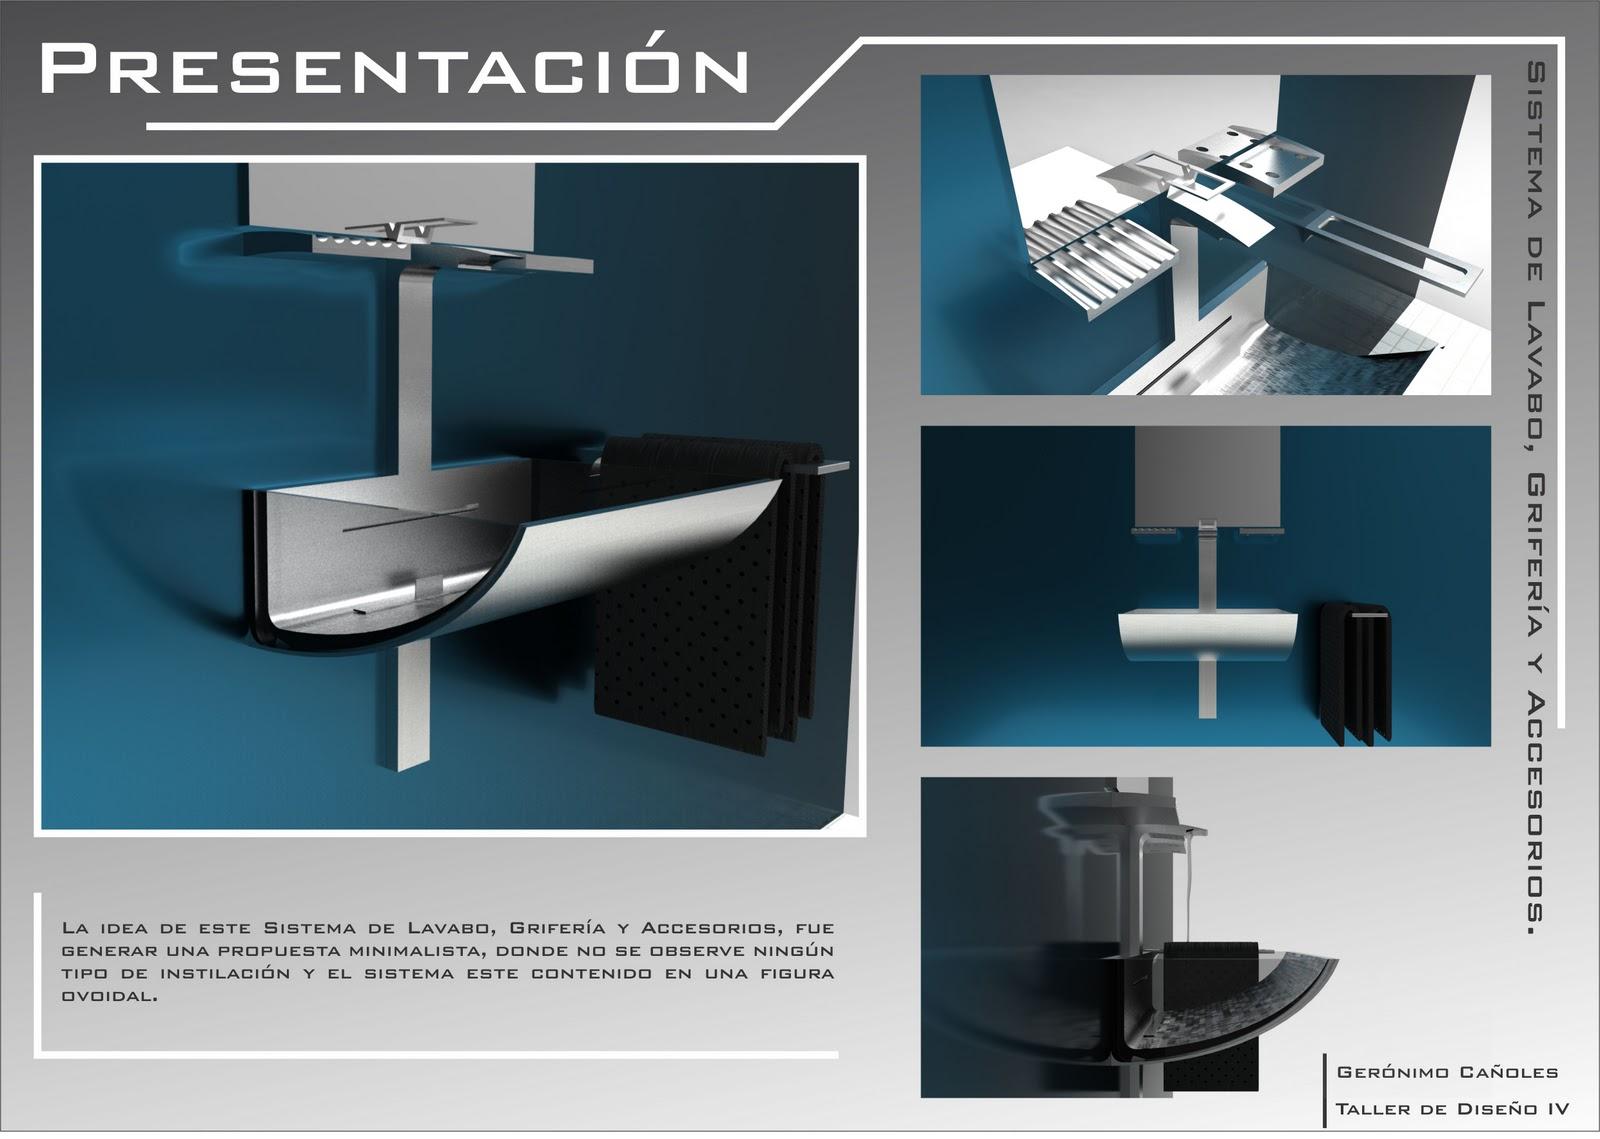 Geroonimoodi sistema de lavabo griferia y accesorios for Accesorios para lavabo